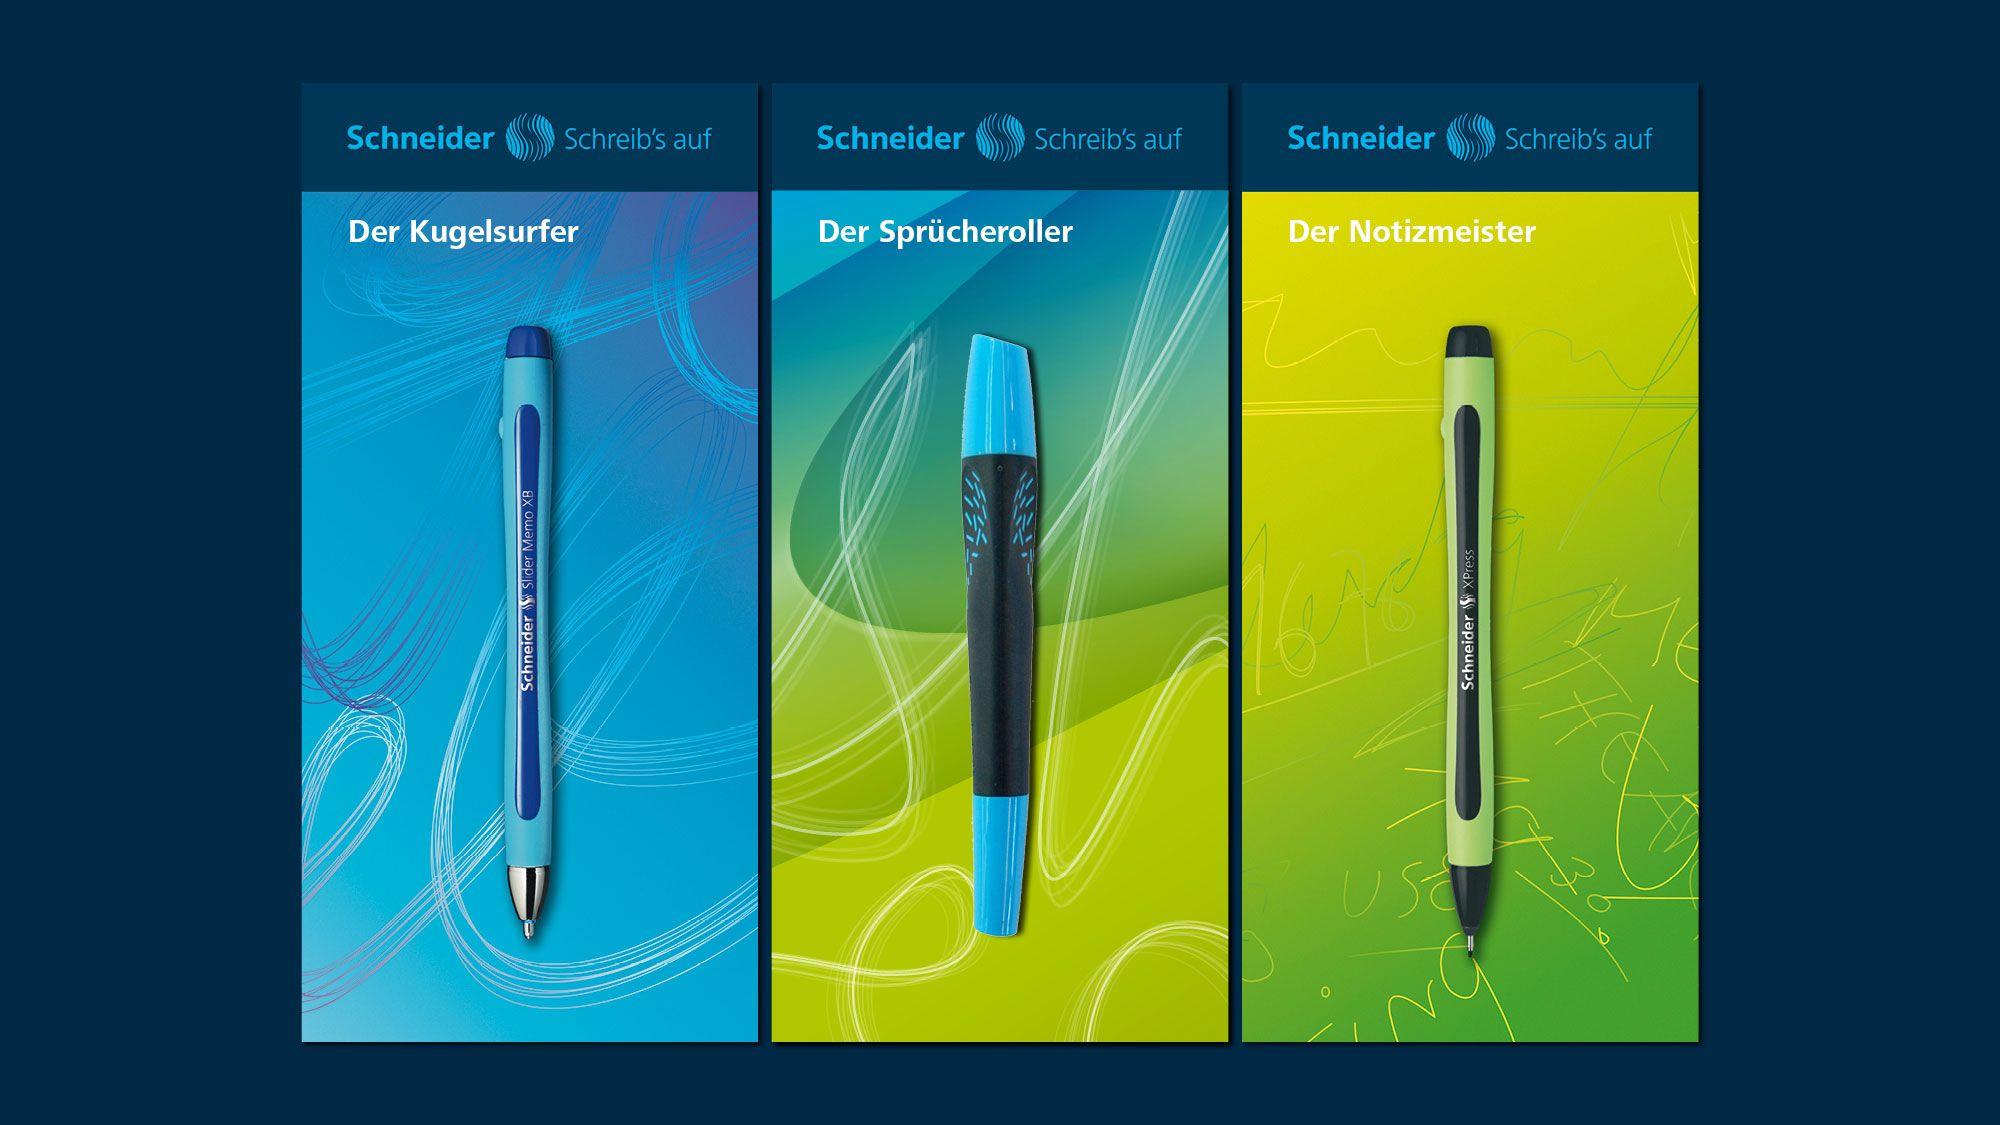 Corporate Design Schneider Schreibgeräte | KMS TEAM München